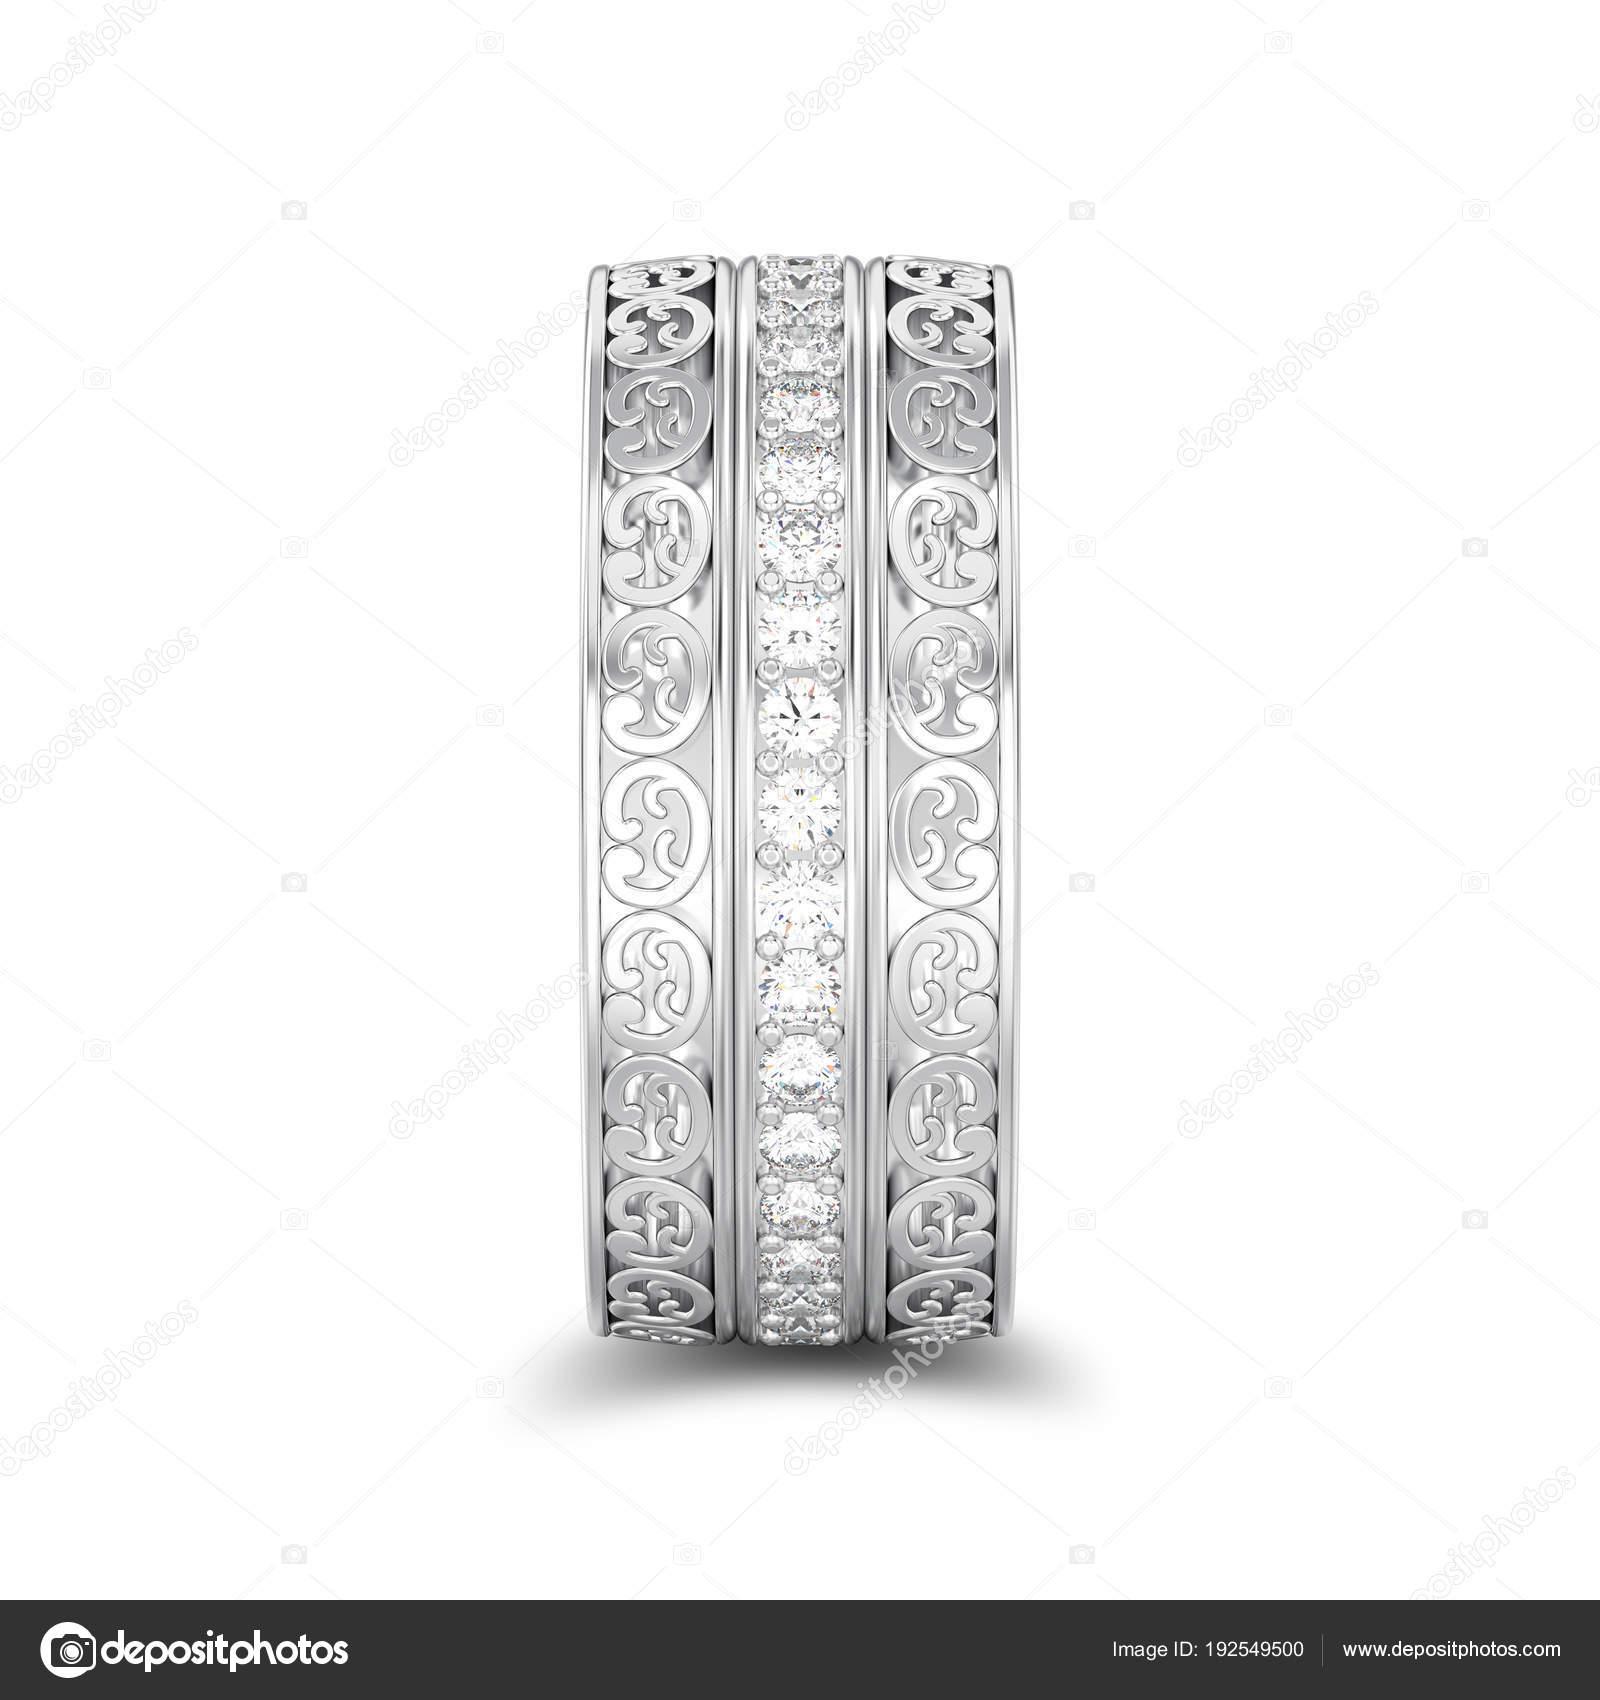 3d Obrazek Samostatny Stribrny Dekorativni Snubni Prsteny